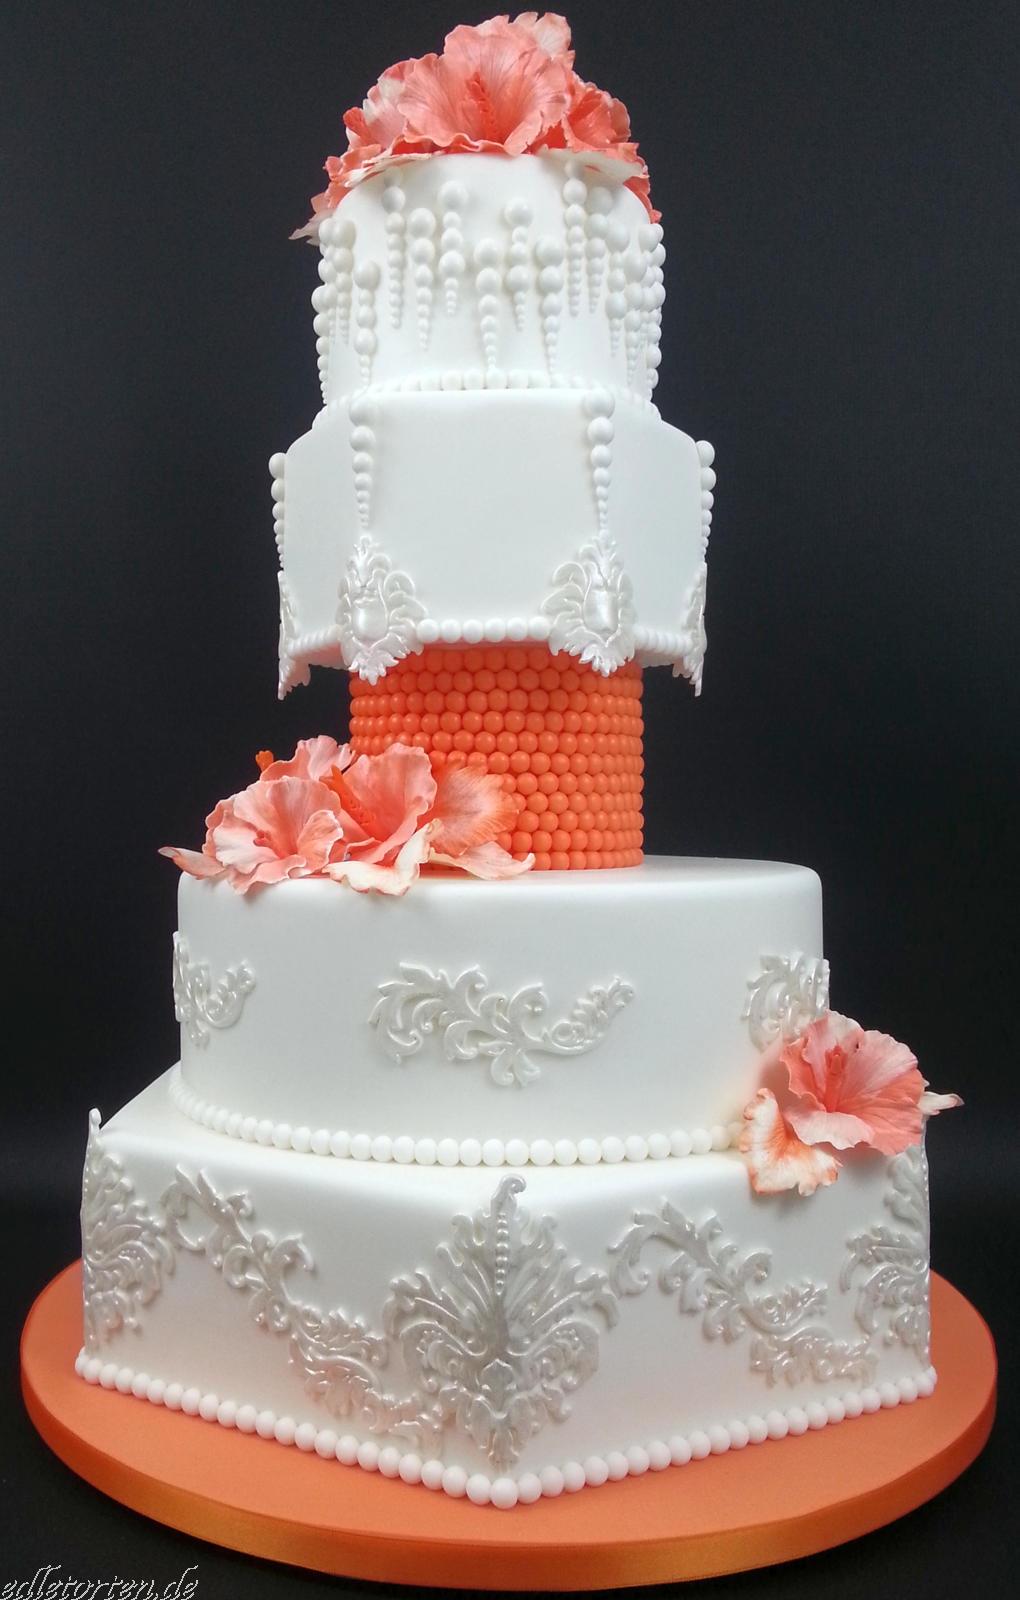 Hochzeitstorte Weiss Orange Hibiskusbluten